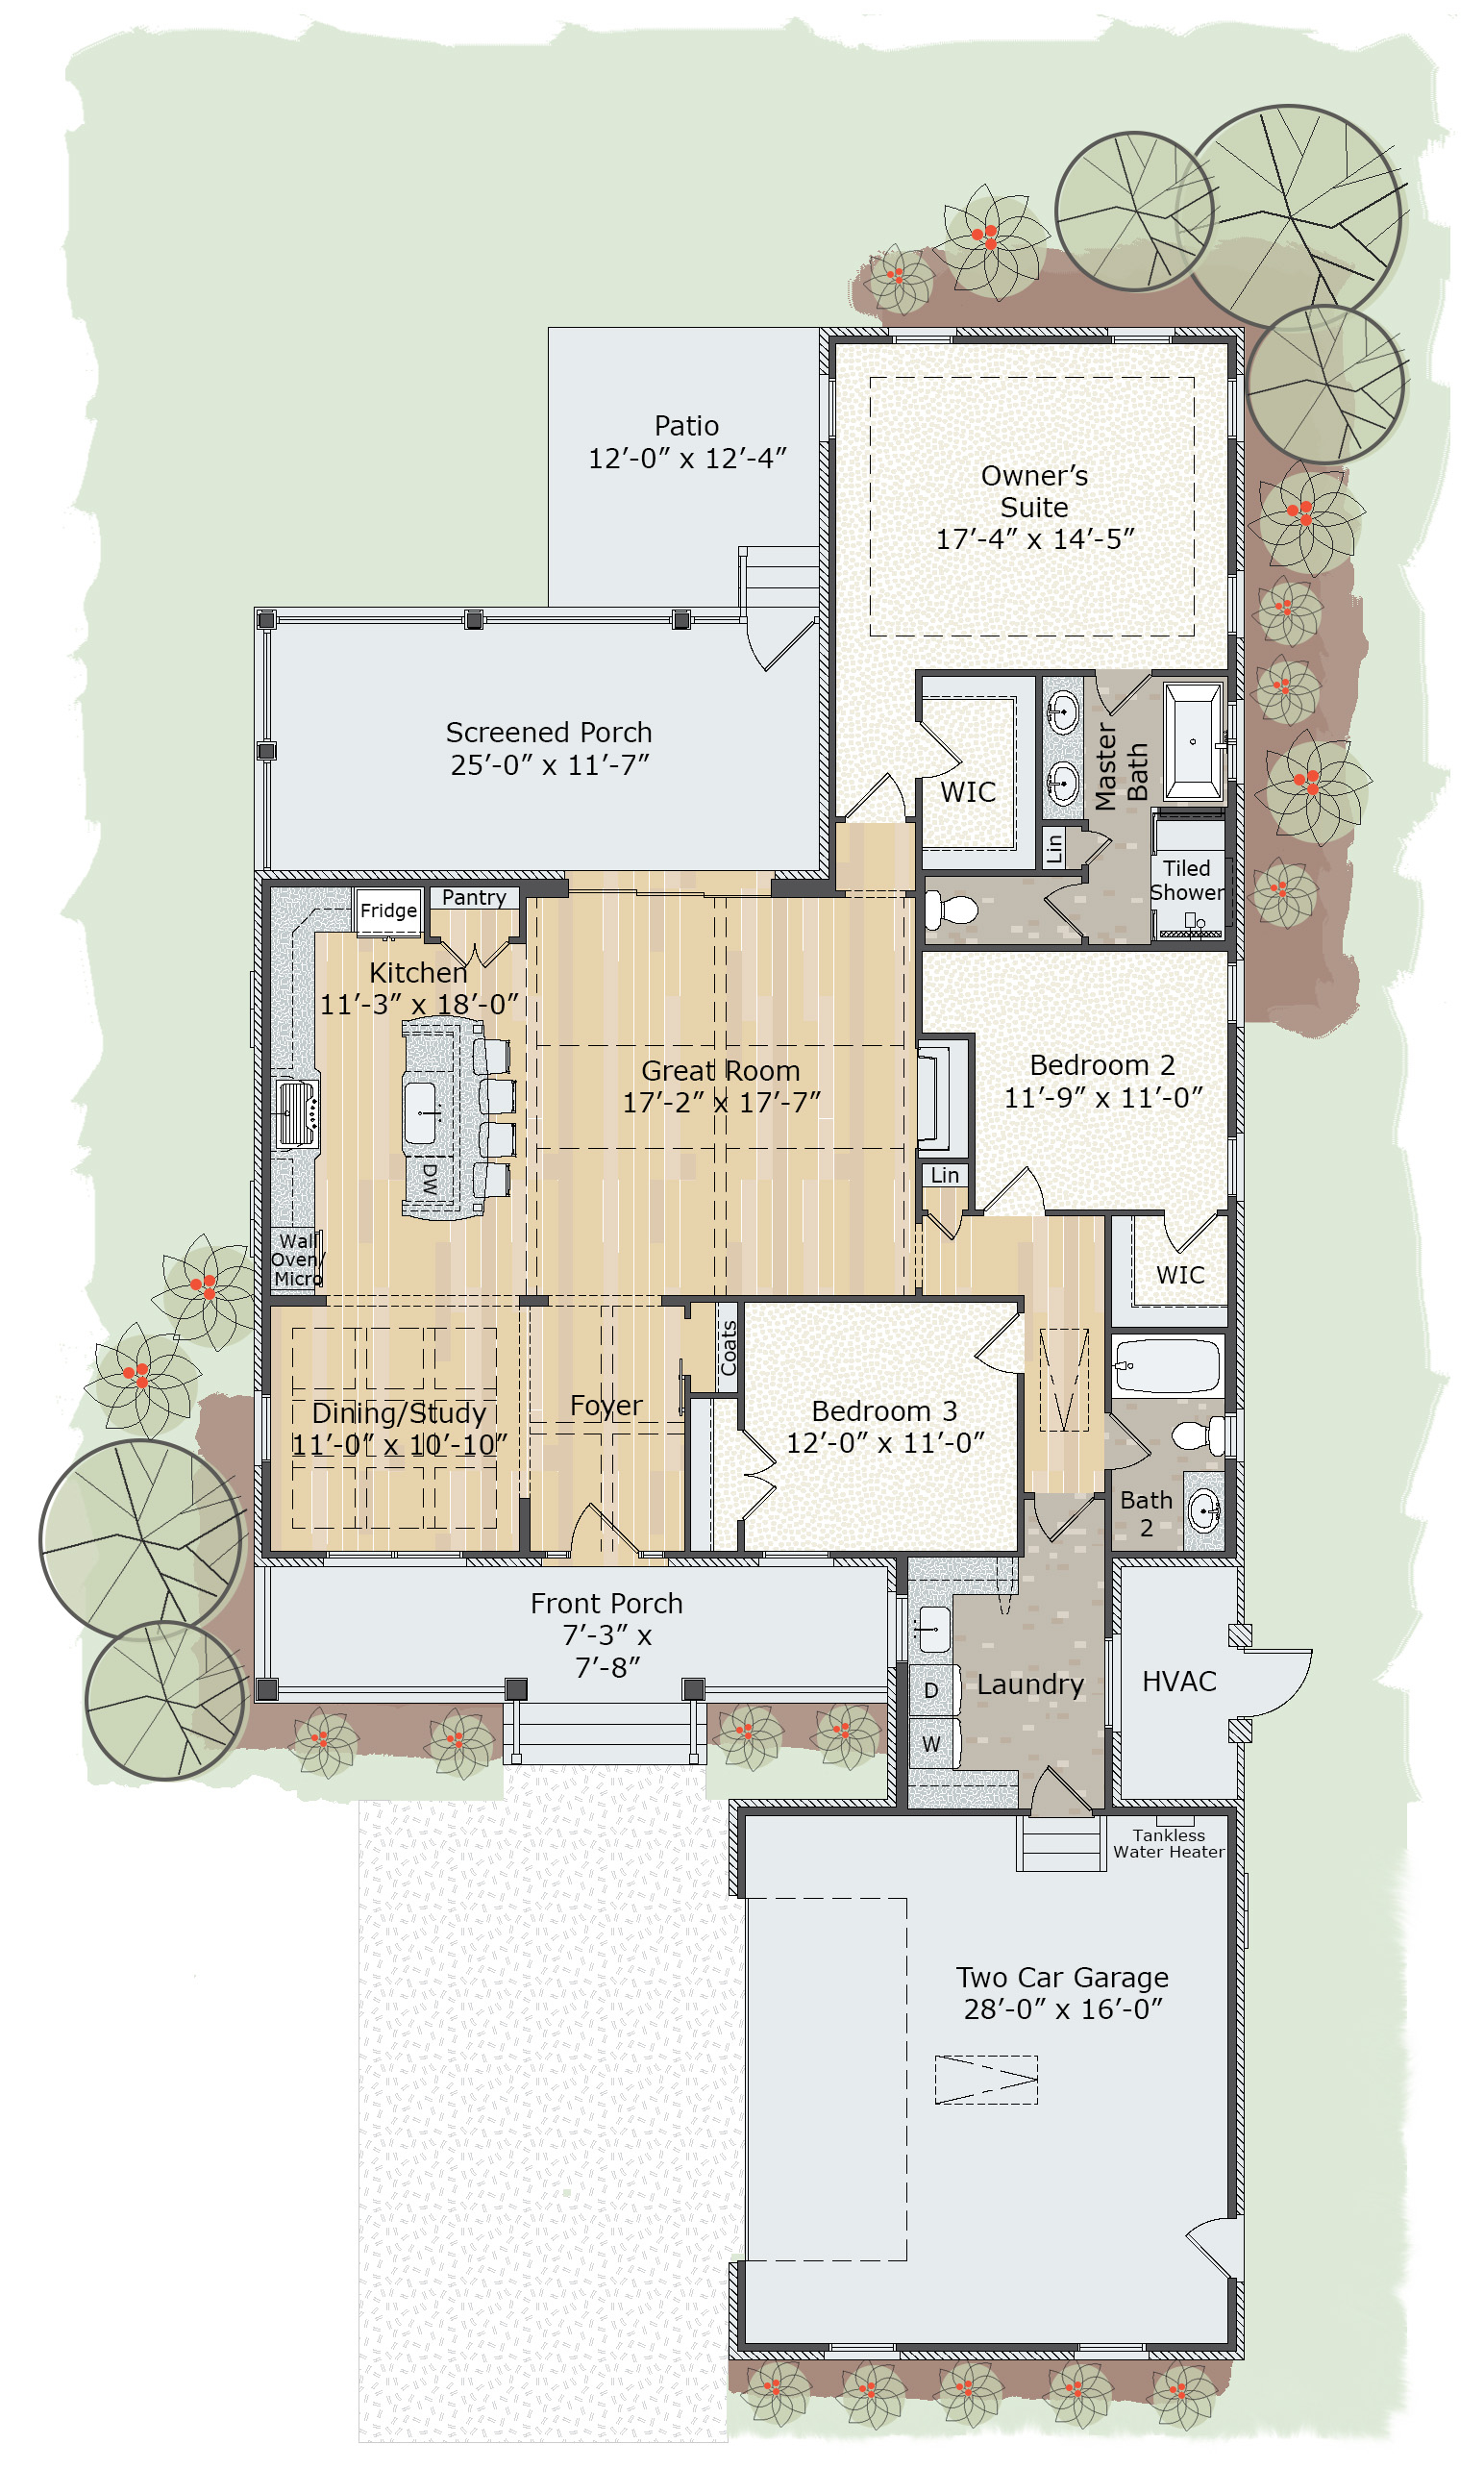 OR 71 Floorplan.jpg